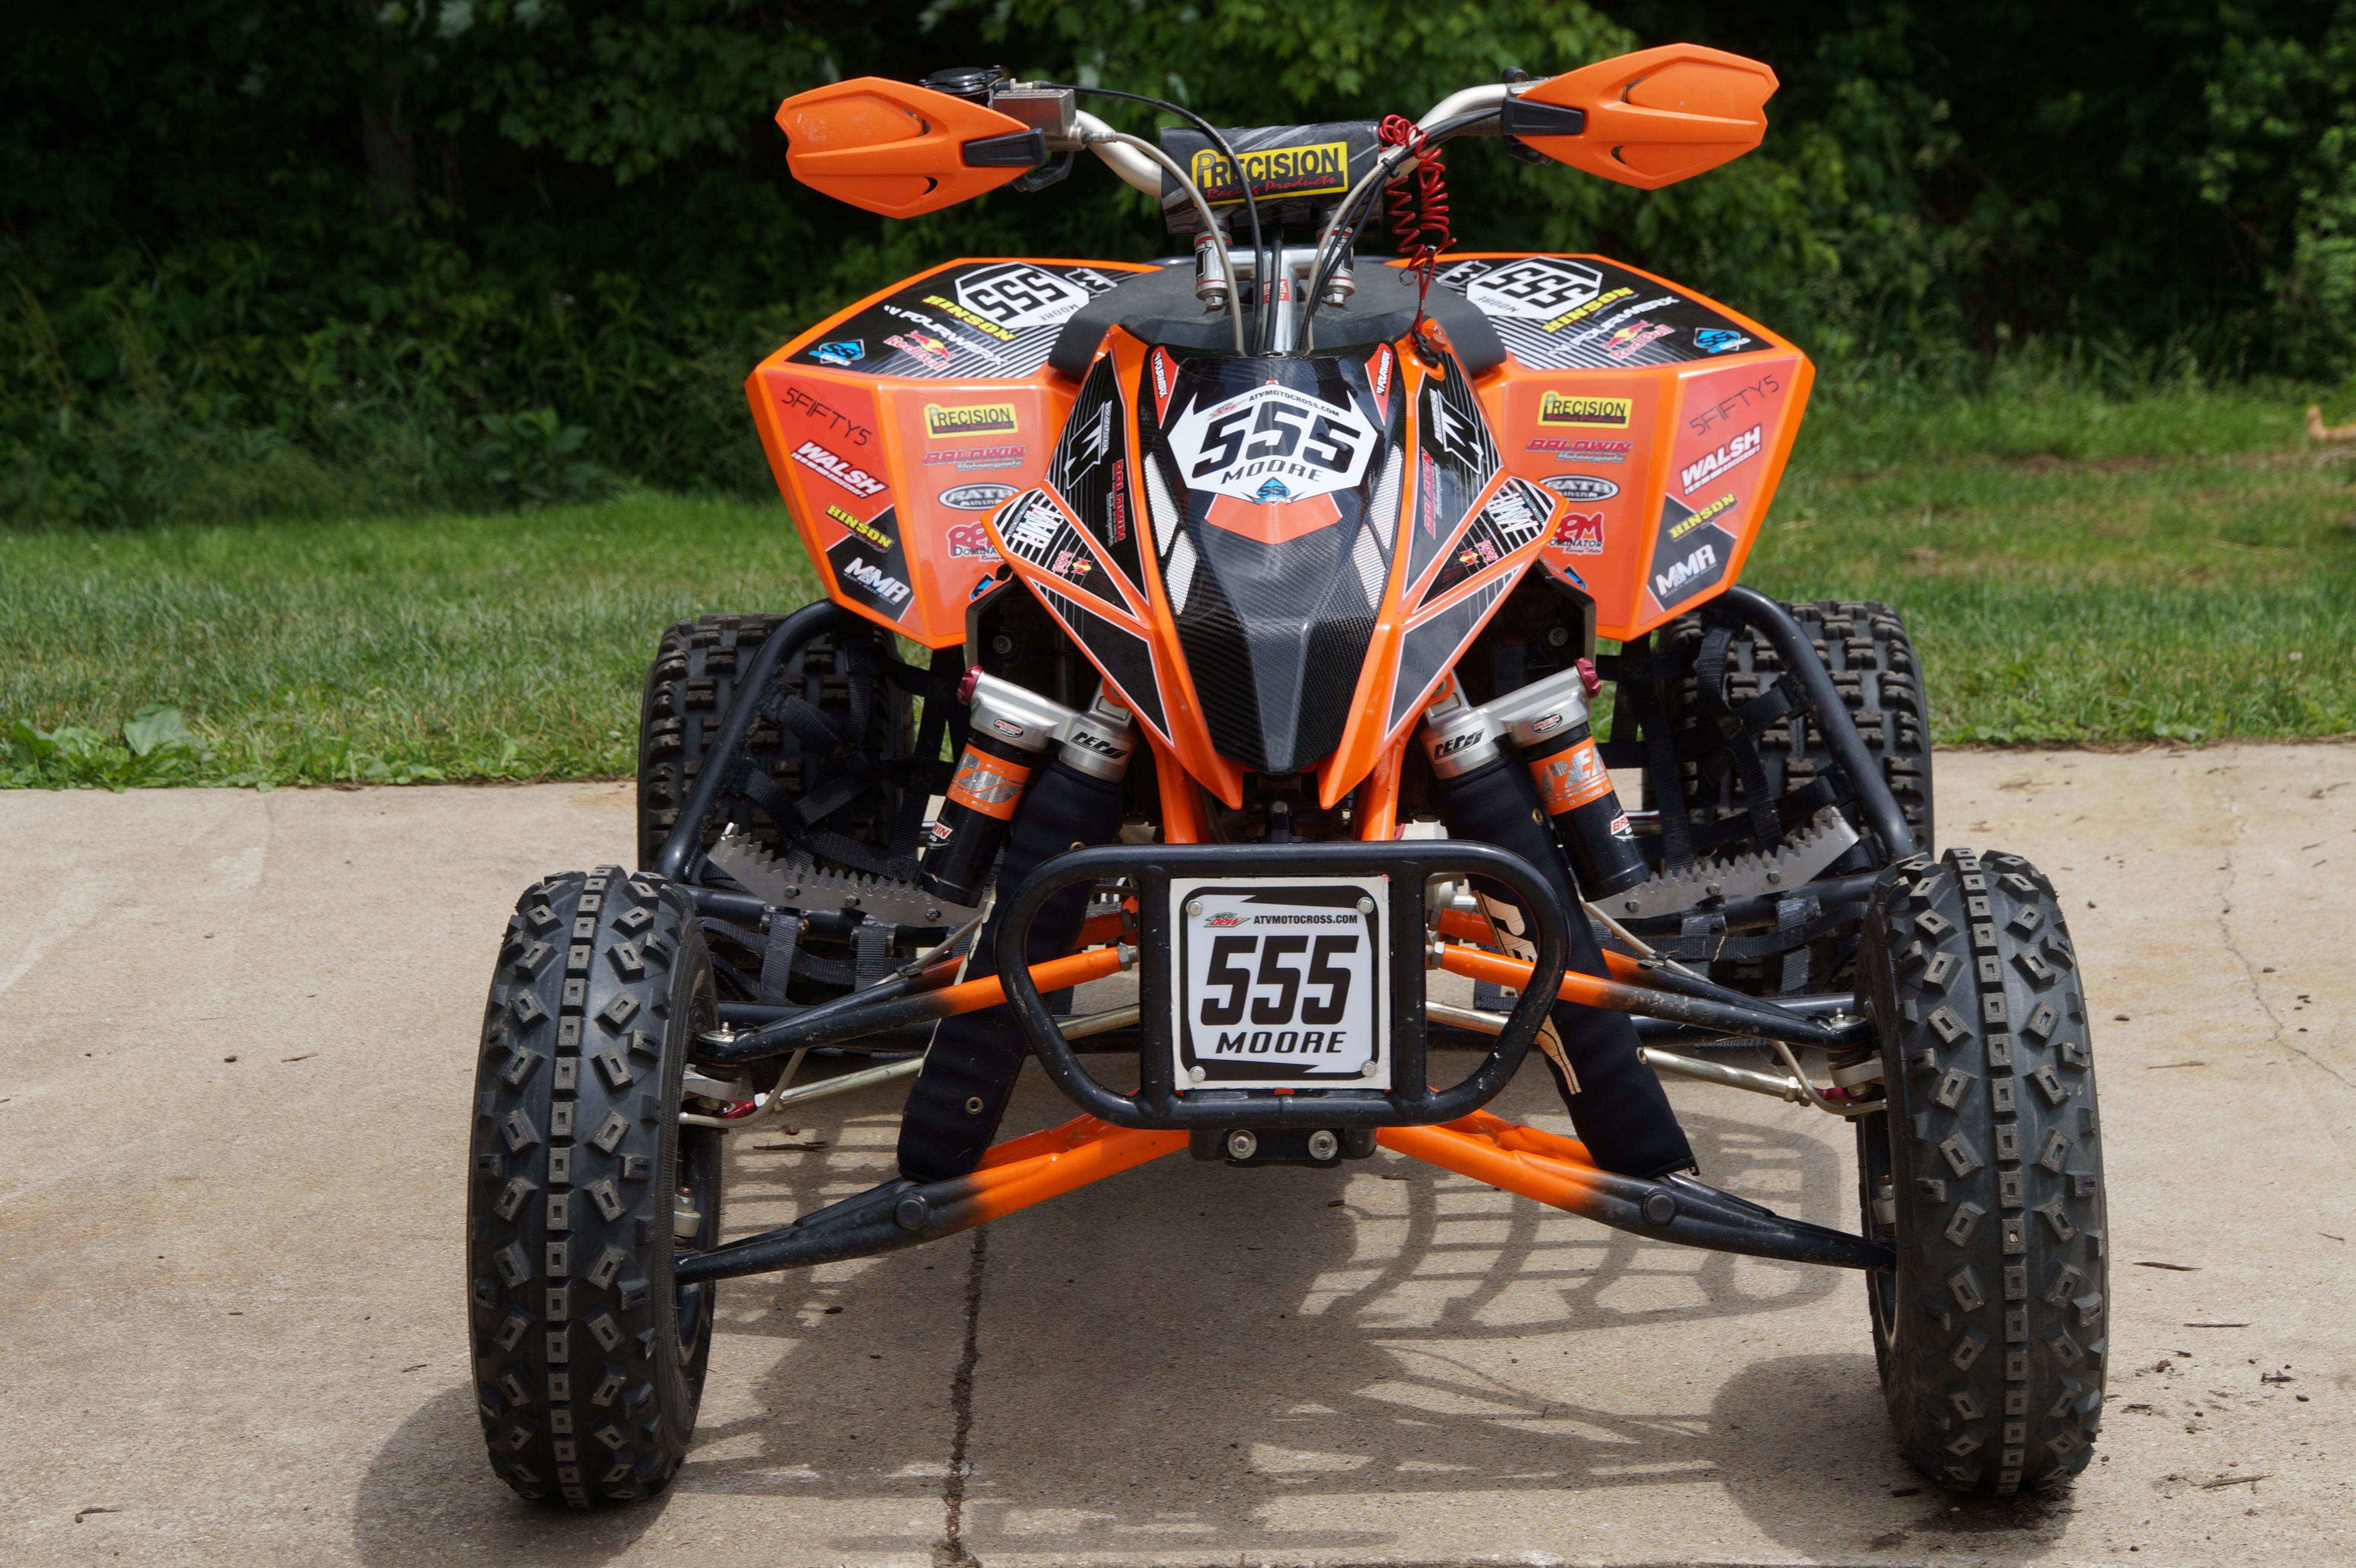 My 2014  U0026quot Factory Edition U0026quot  Ktm 450 Sx Race Quad